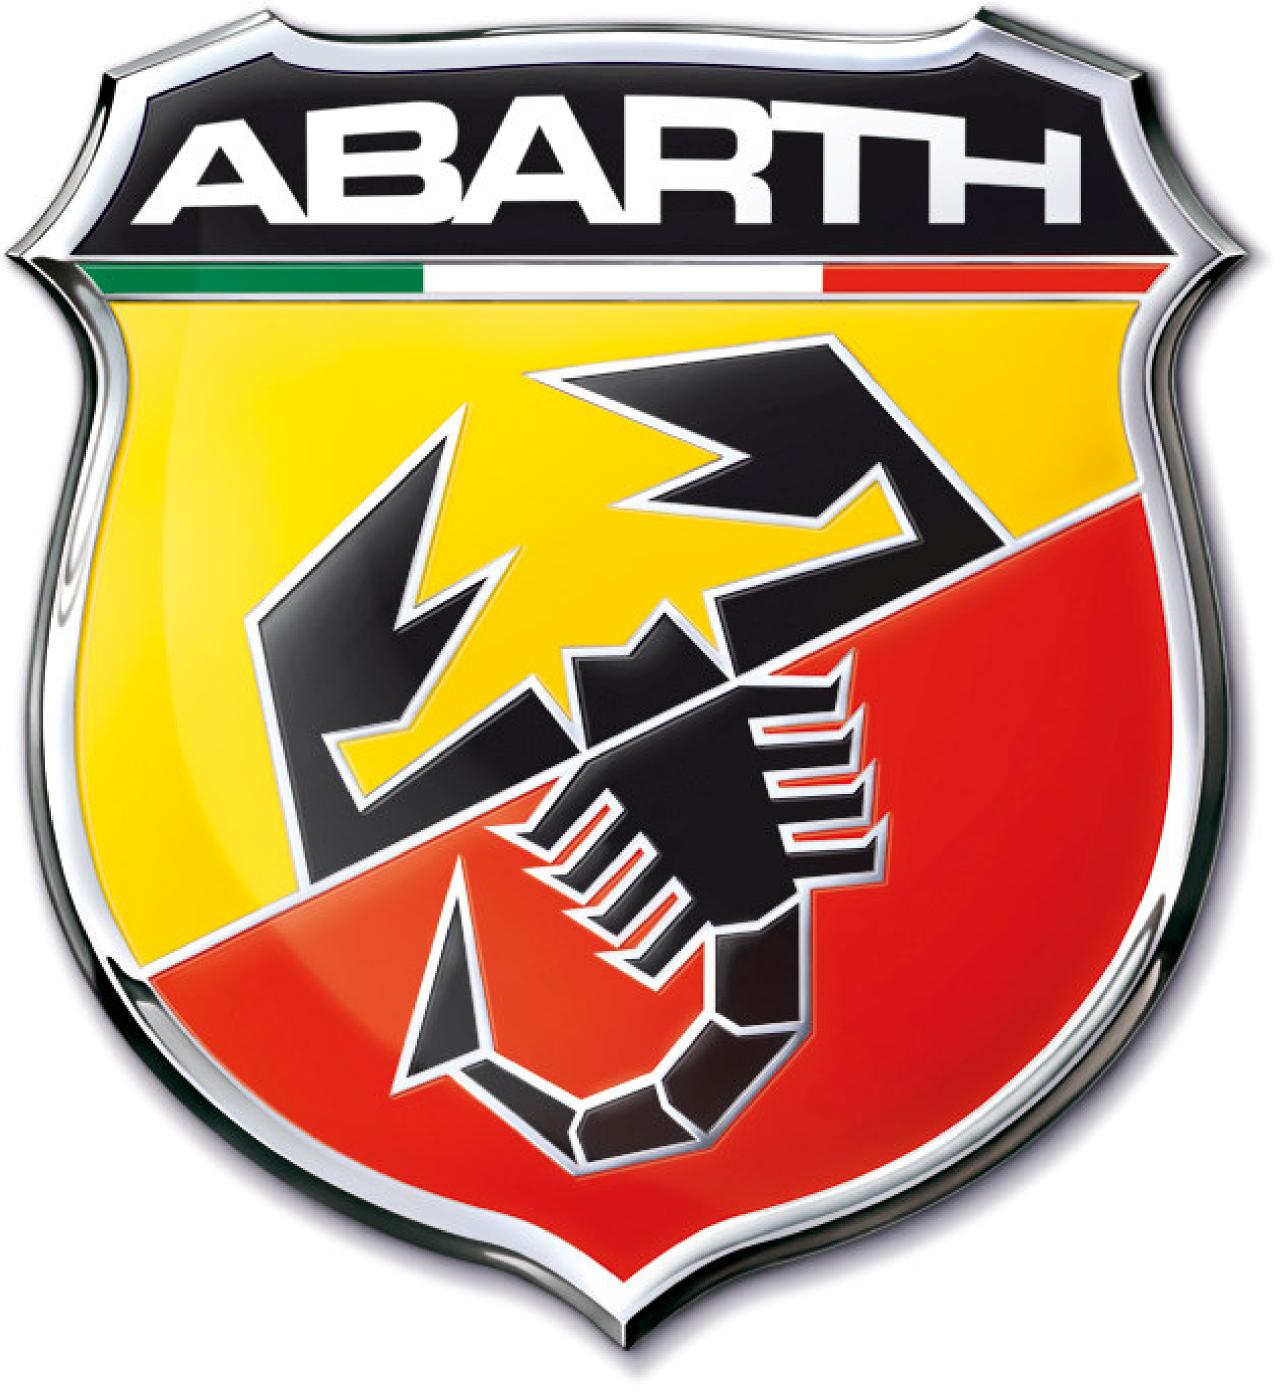 Rettungskarte Abarth